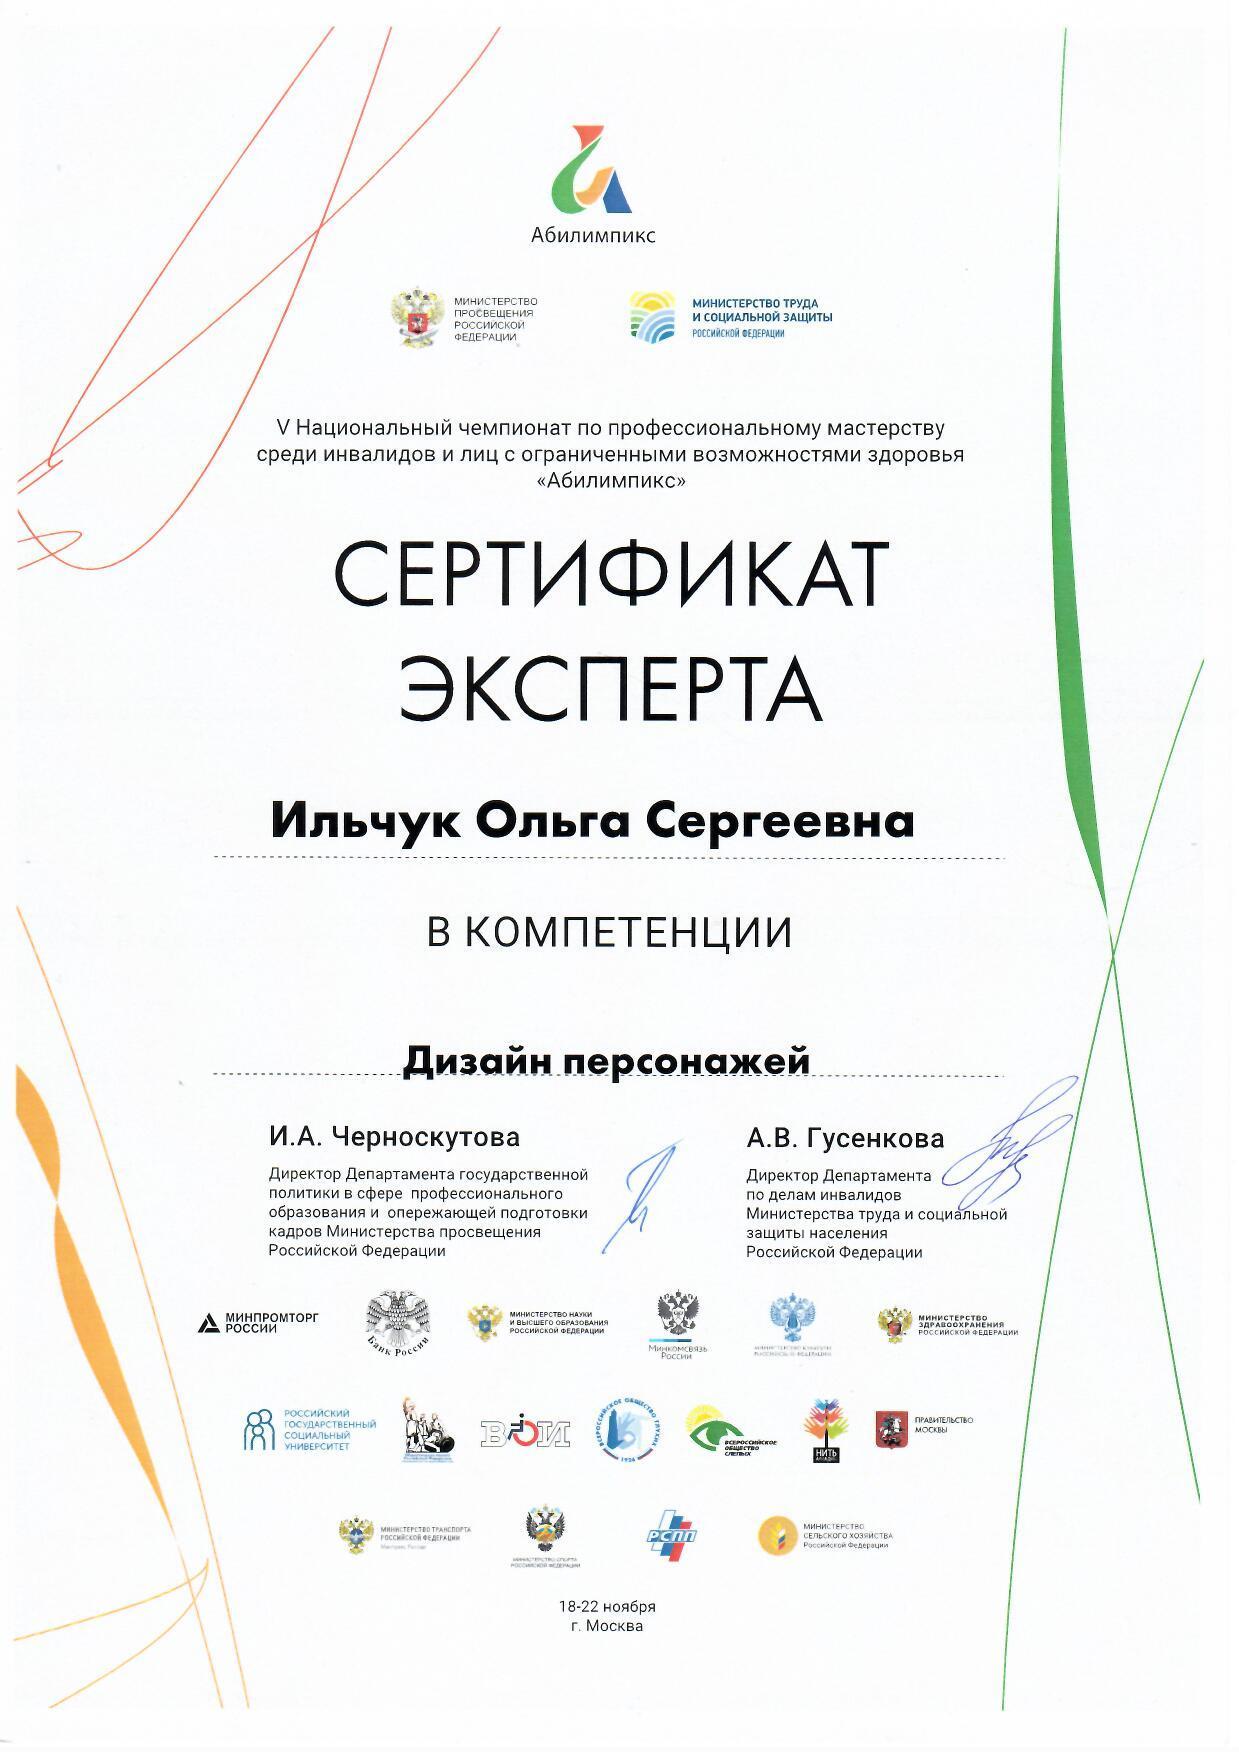 Сертификат эксперта в компетенции